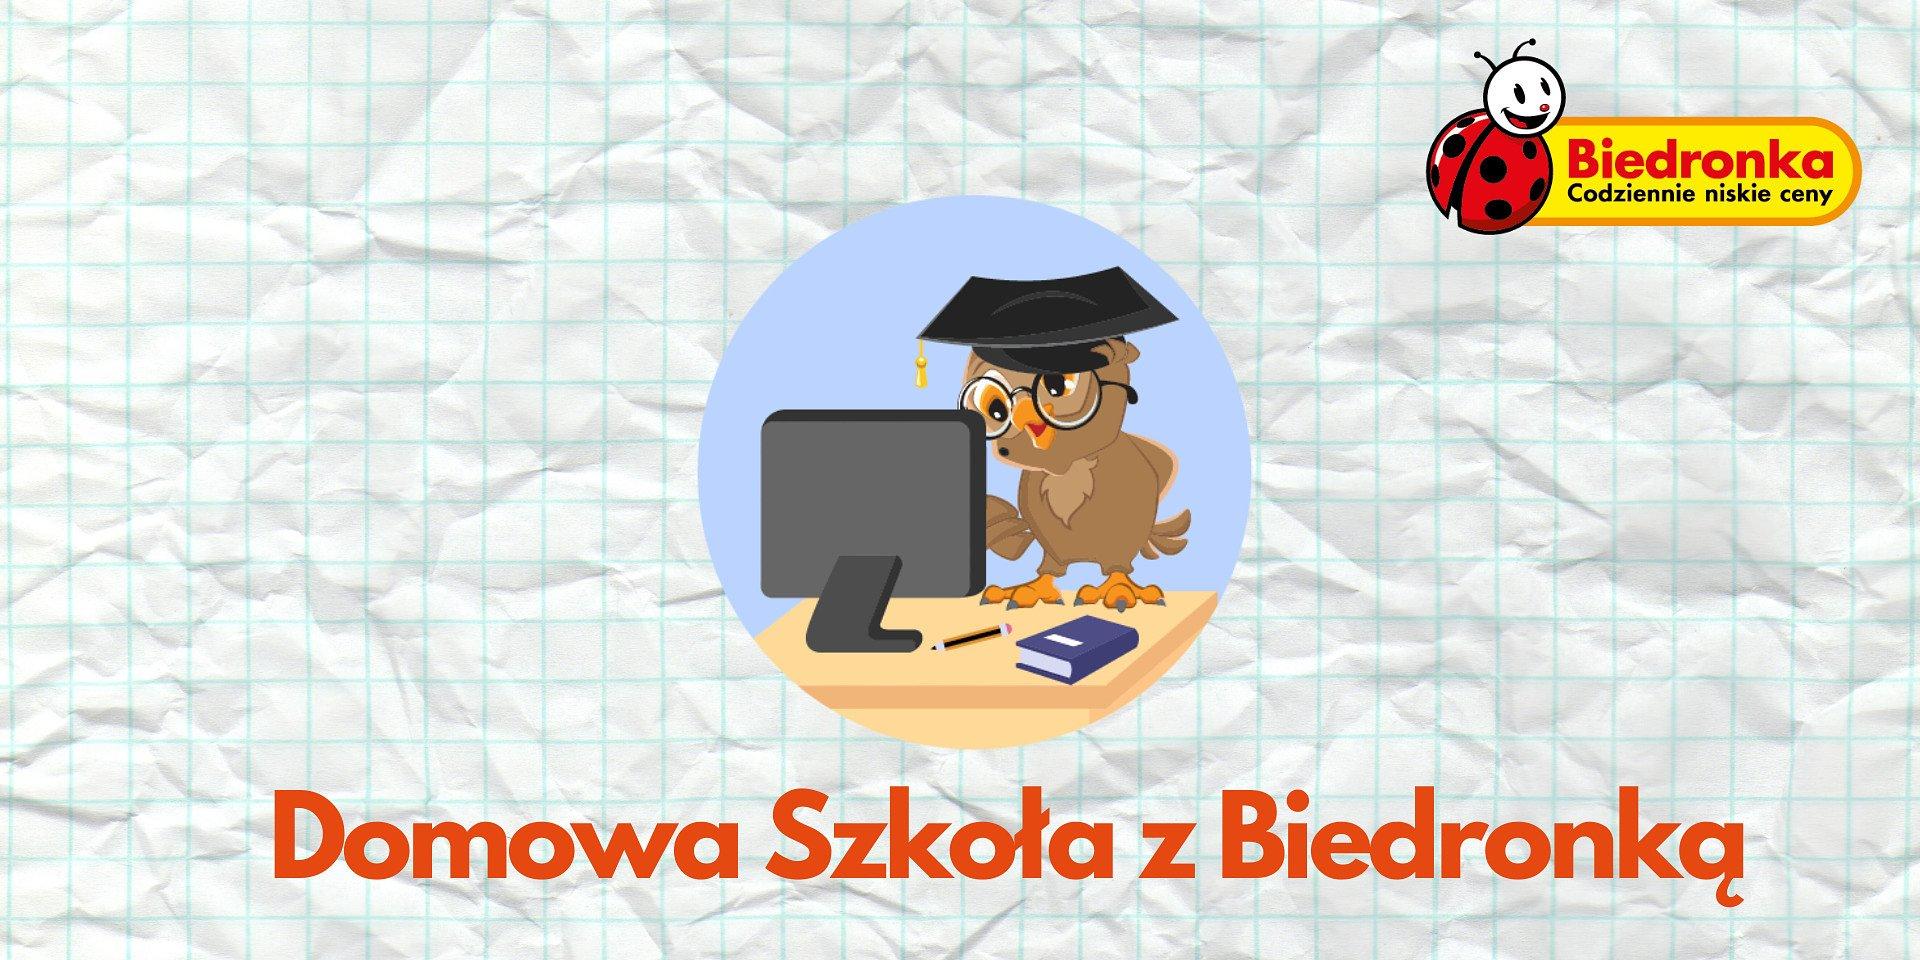 """""""Domowa Szkoła z Biedronką"""" dzięki komputerom od sieci"""